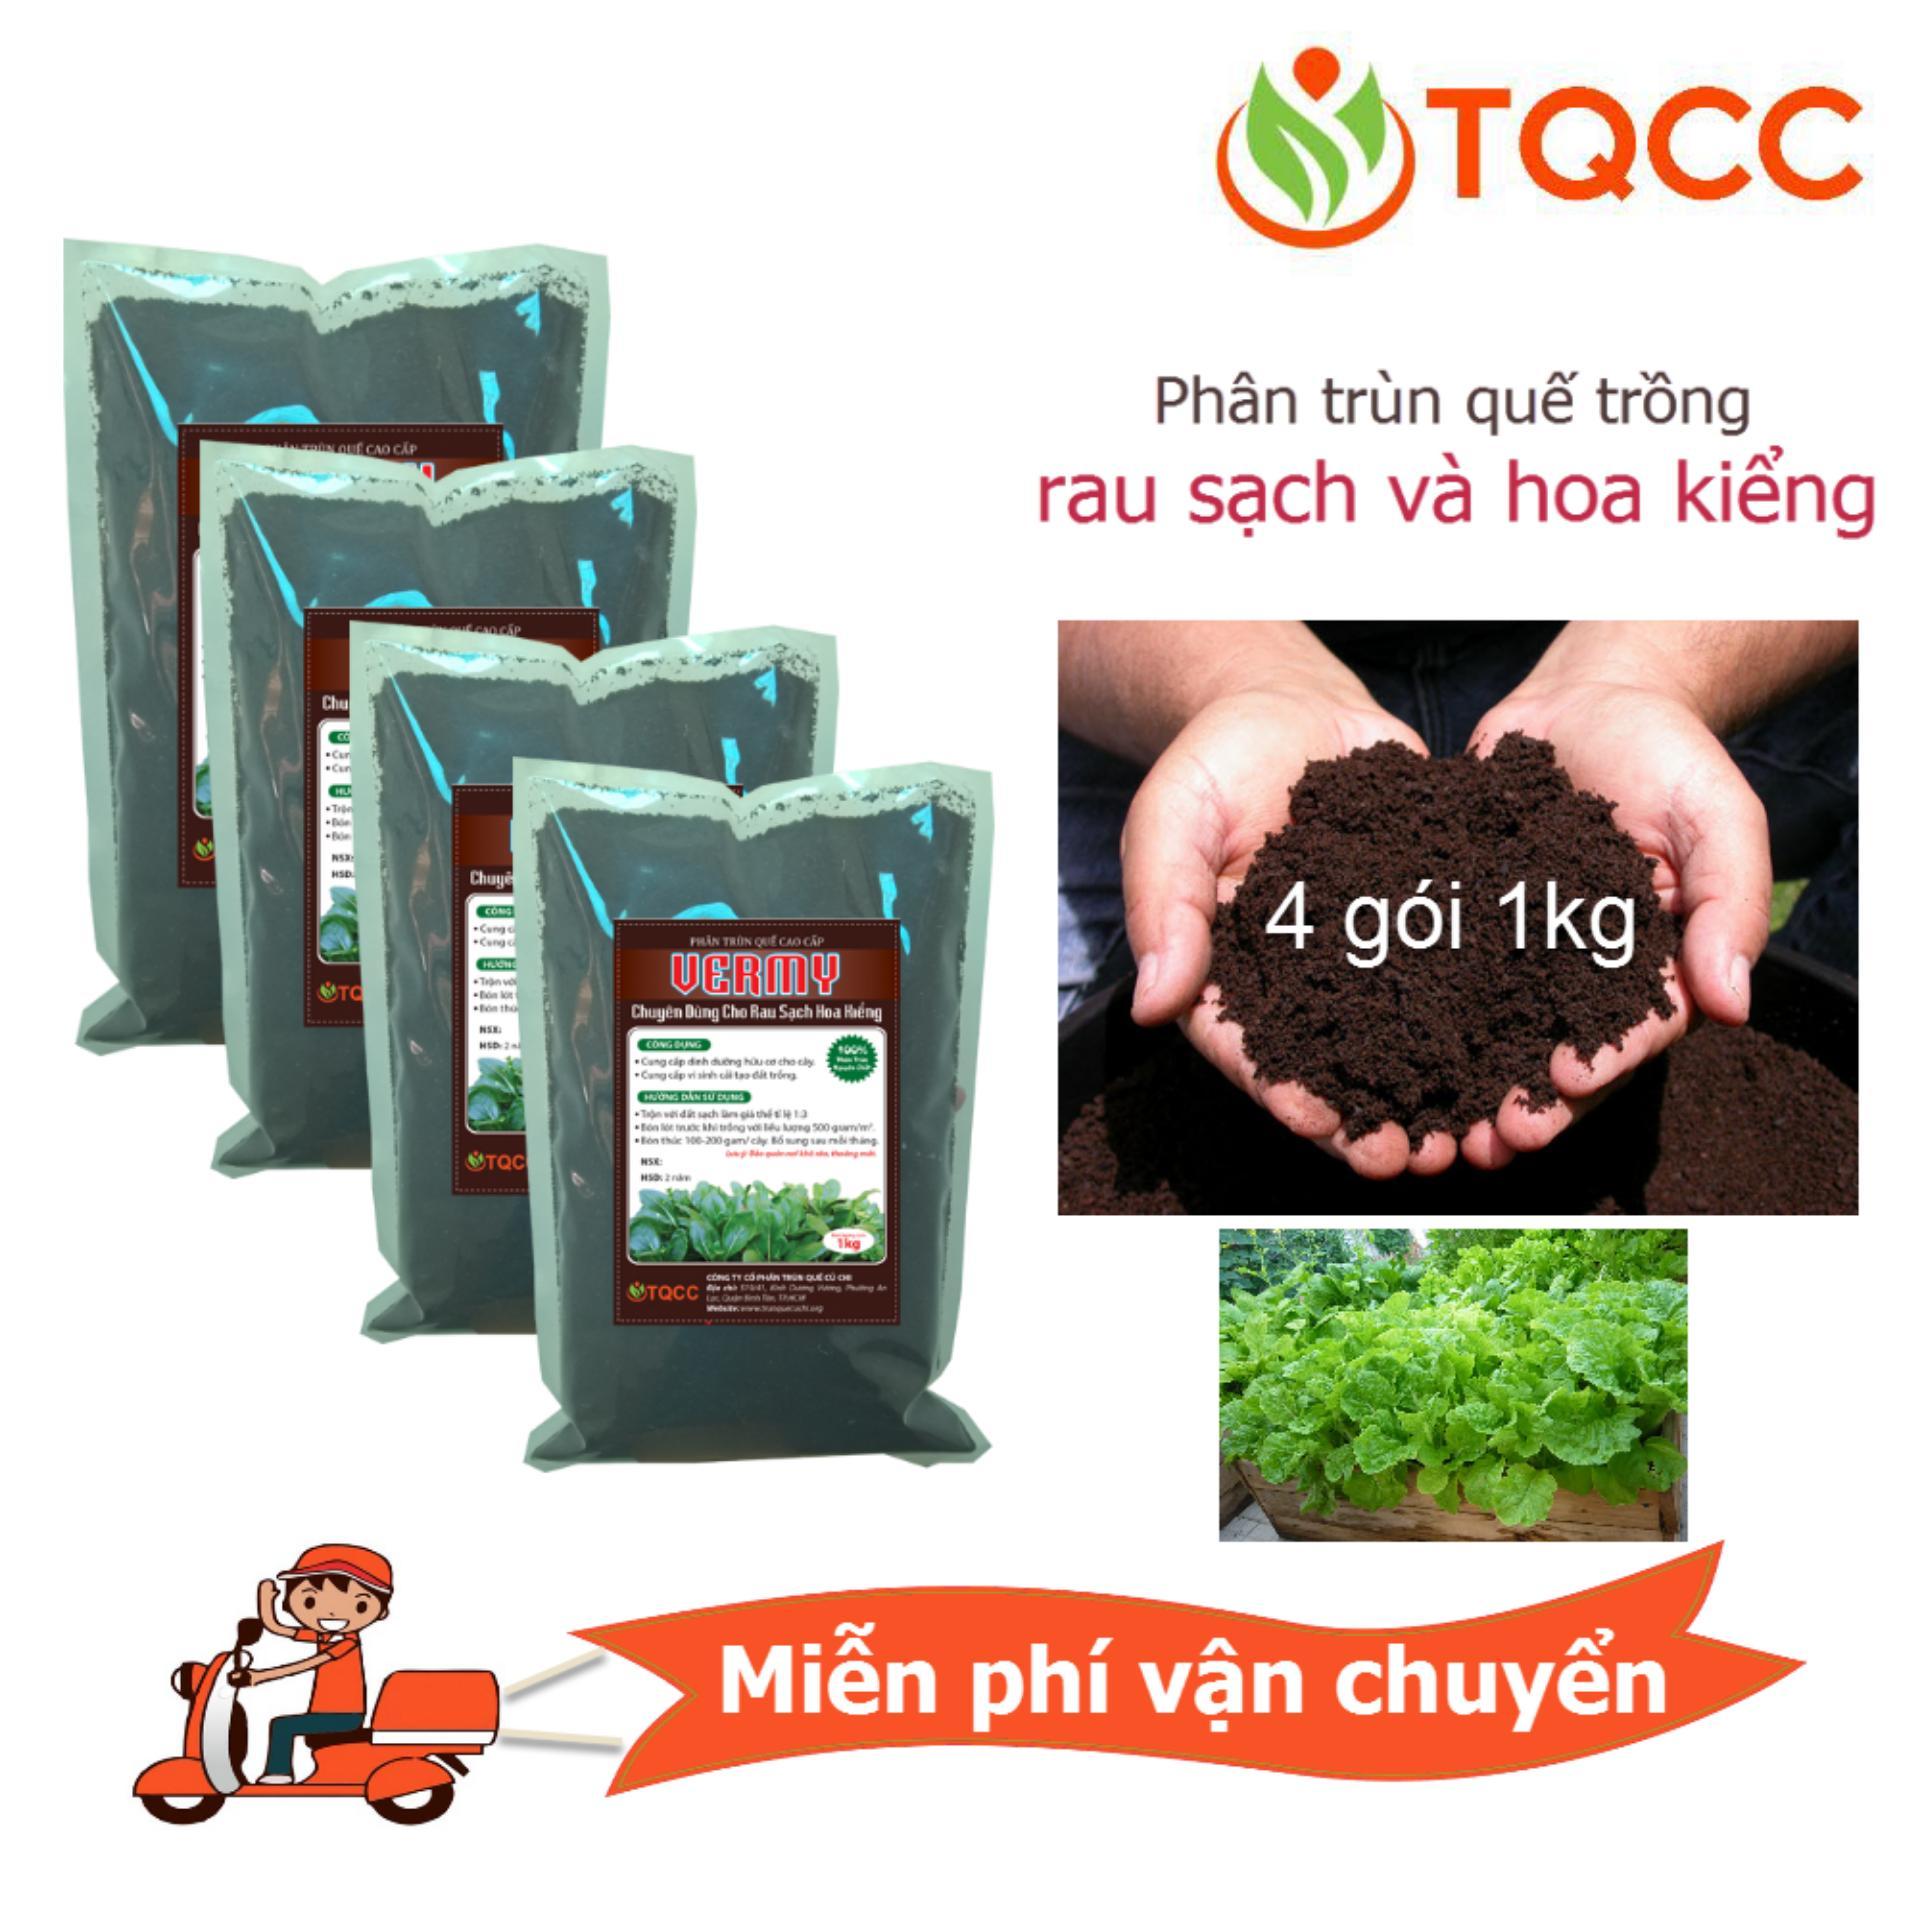 Phân trùn quế Vermy trồng rau sạch hoa kiểng (4 gói 1kg)